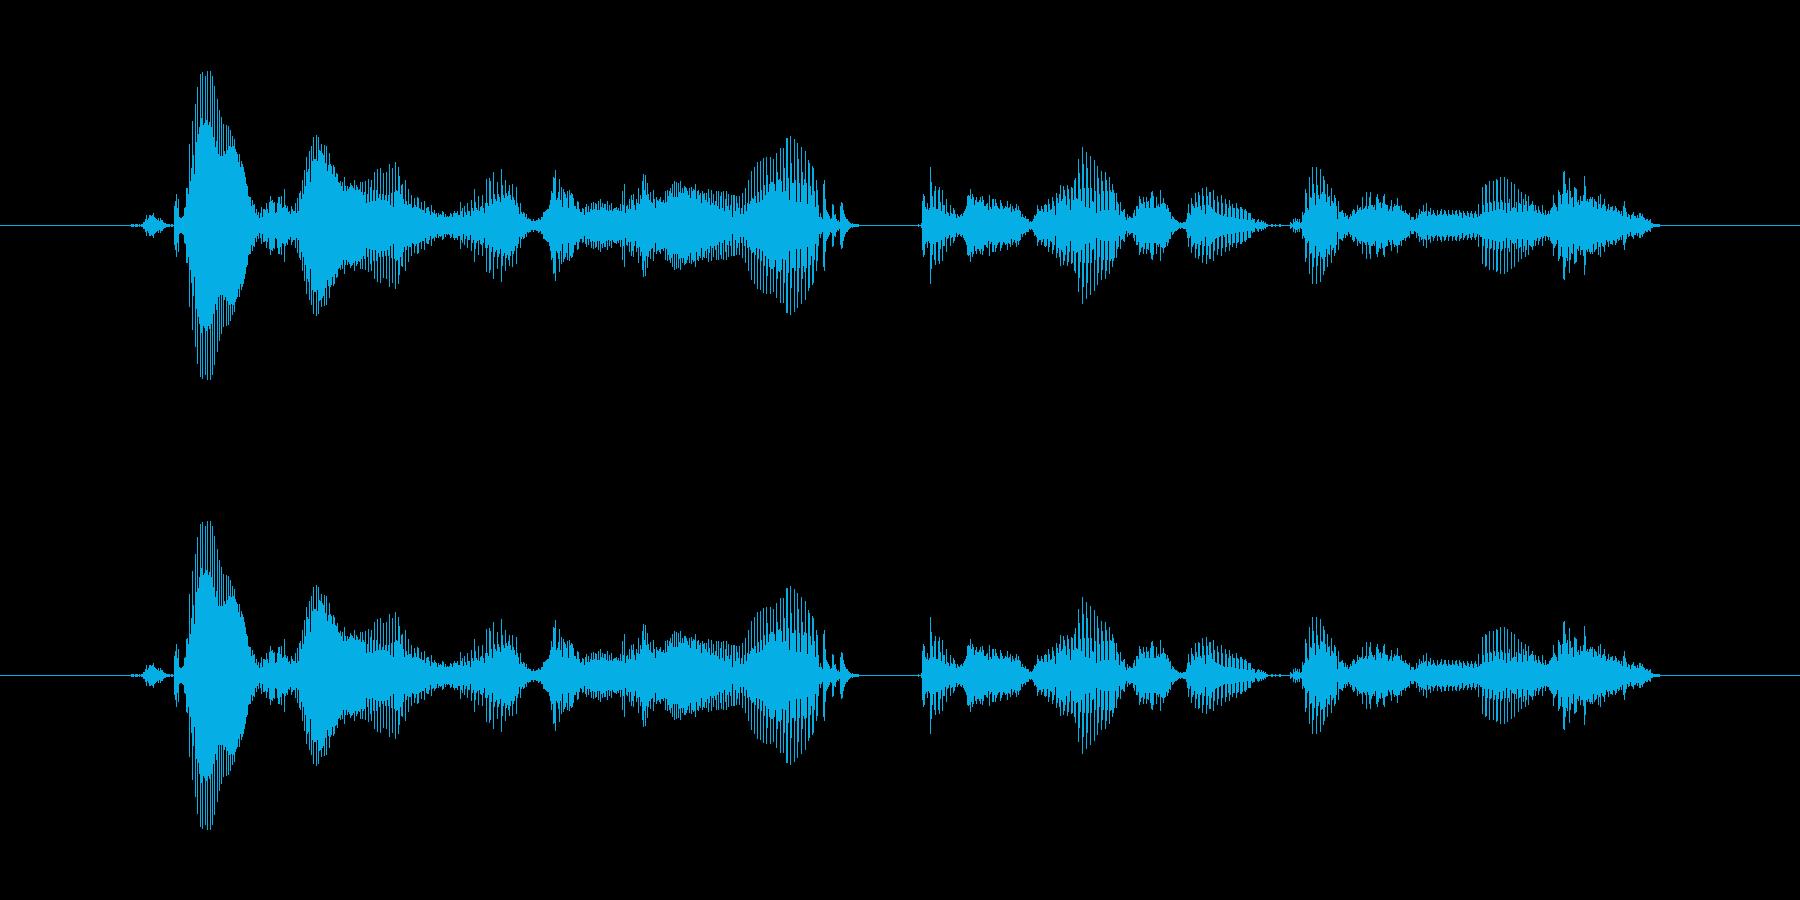 【時報・時間】午前8時を、お知らせいた…の再生済みの波形